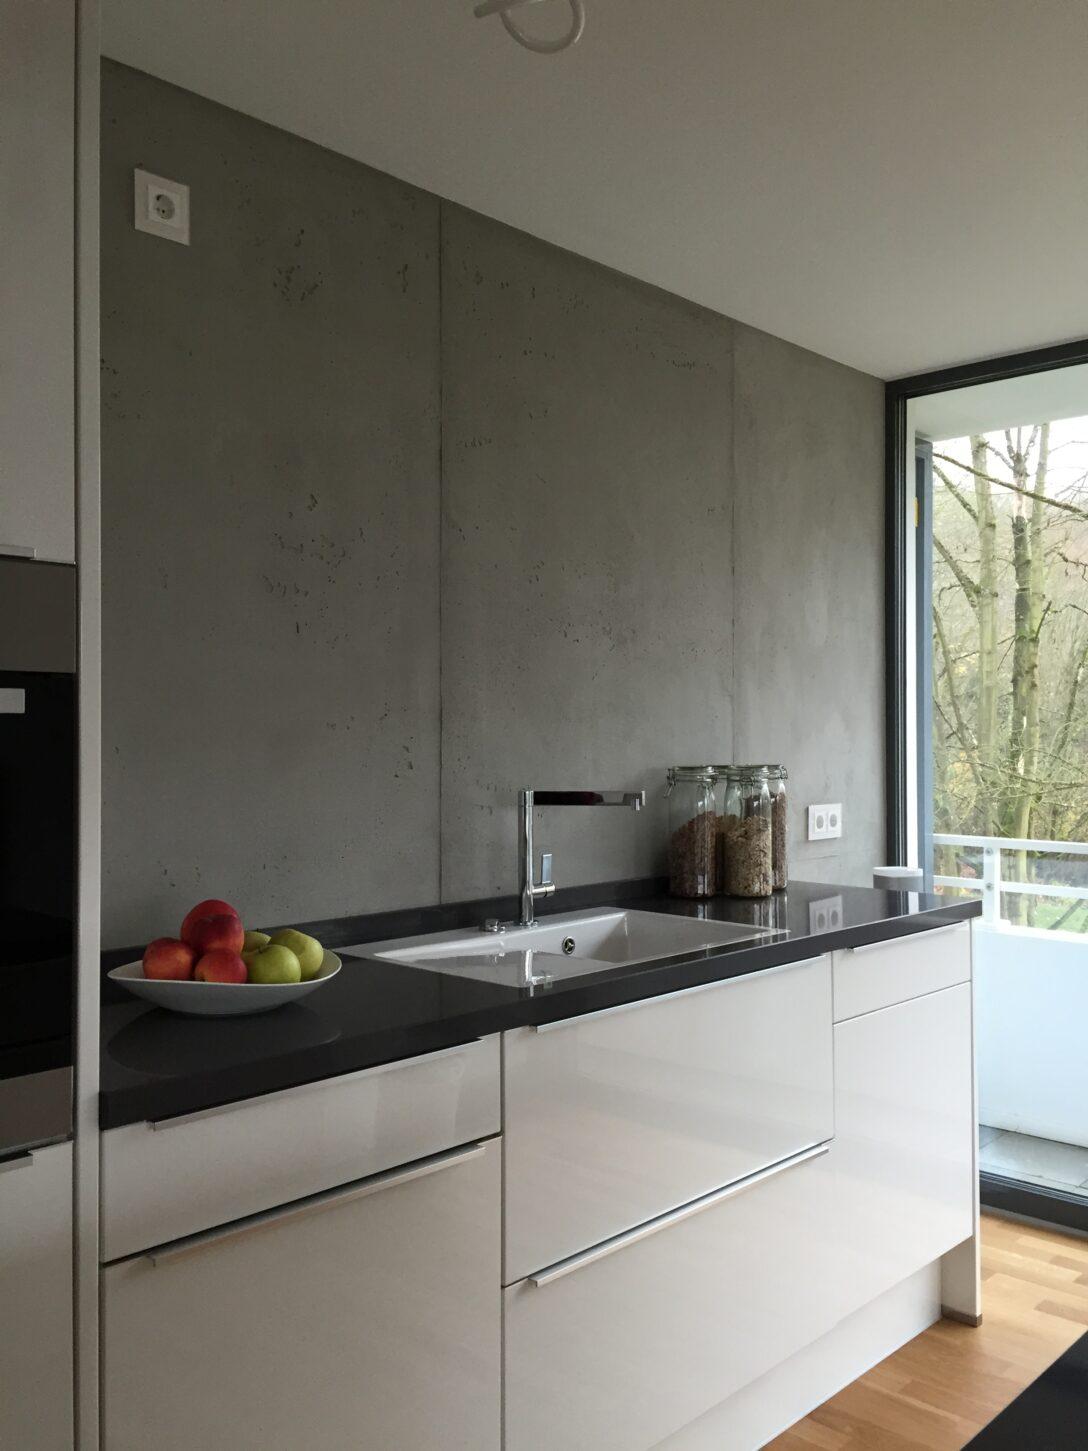 Large Size of Küchen Regal Fliesenspiegel Küche Glas Selber Machen Wohnzimmer Küchen Fliesenspiegel